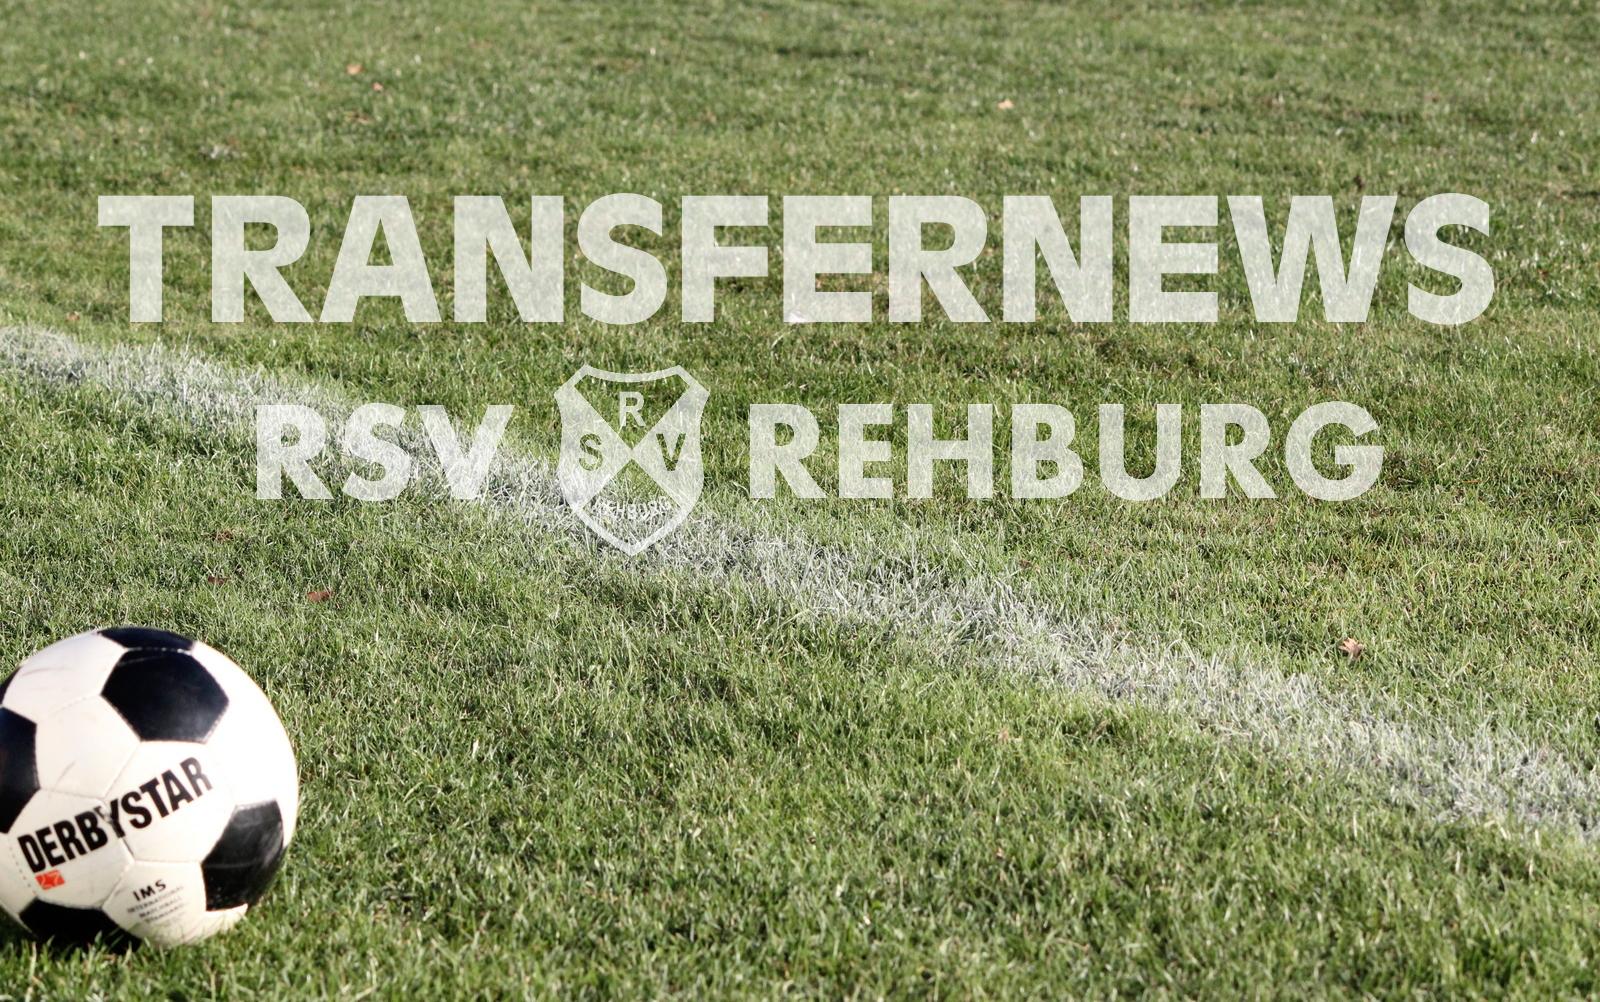 Von Hannover 96 über Umwege zum RSV Rehburg!